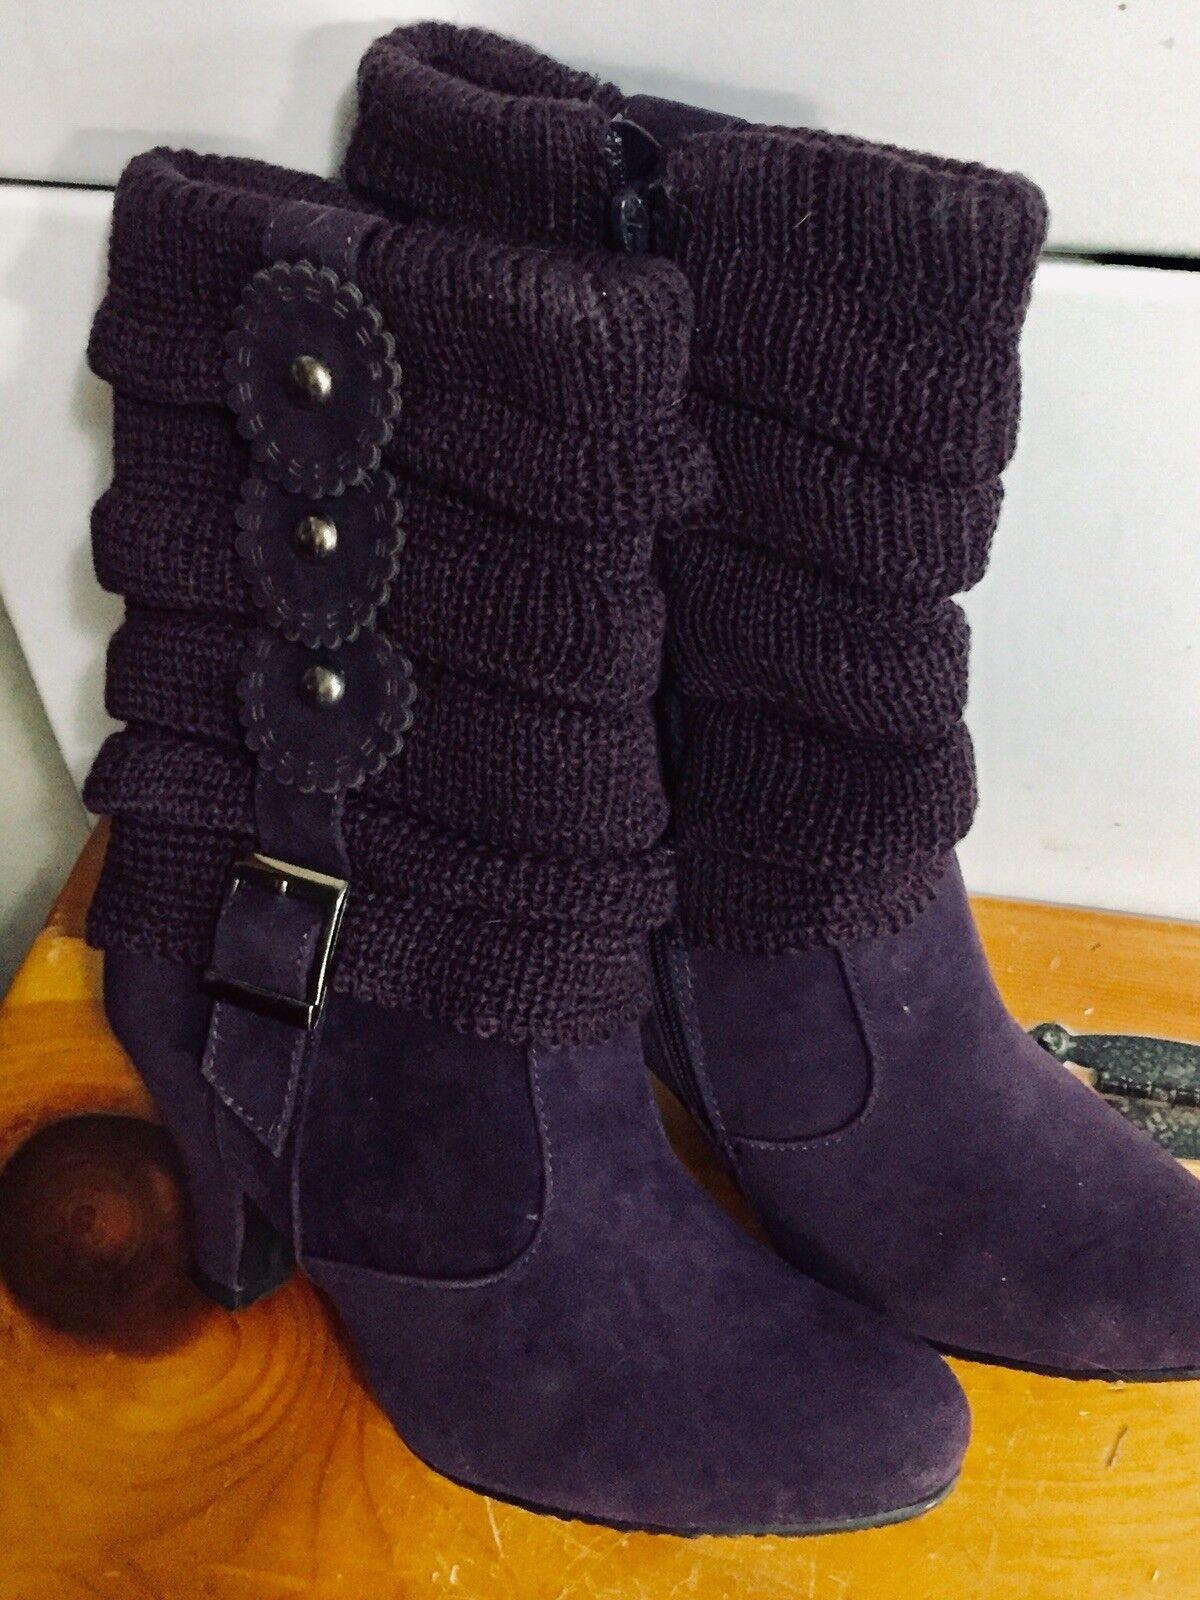 Reneeze Daim Fermeture Éclair Latérale bottes-Souple En Tricot Top-belle Couleur et détails